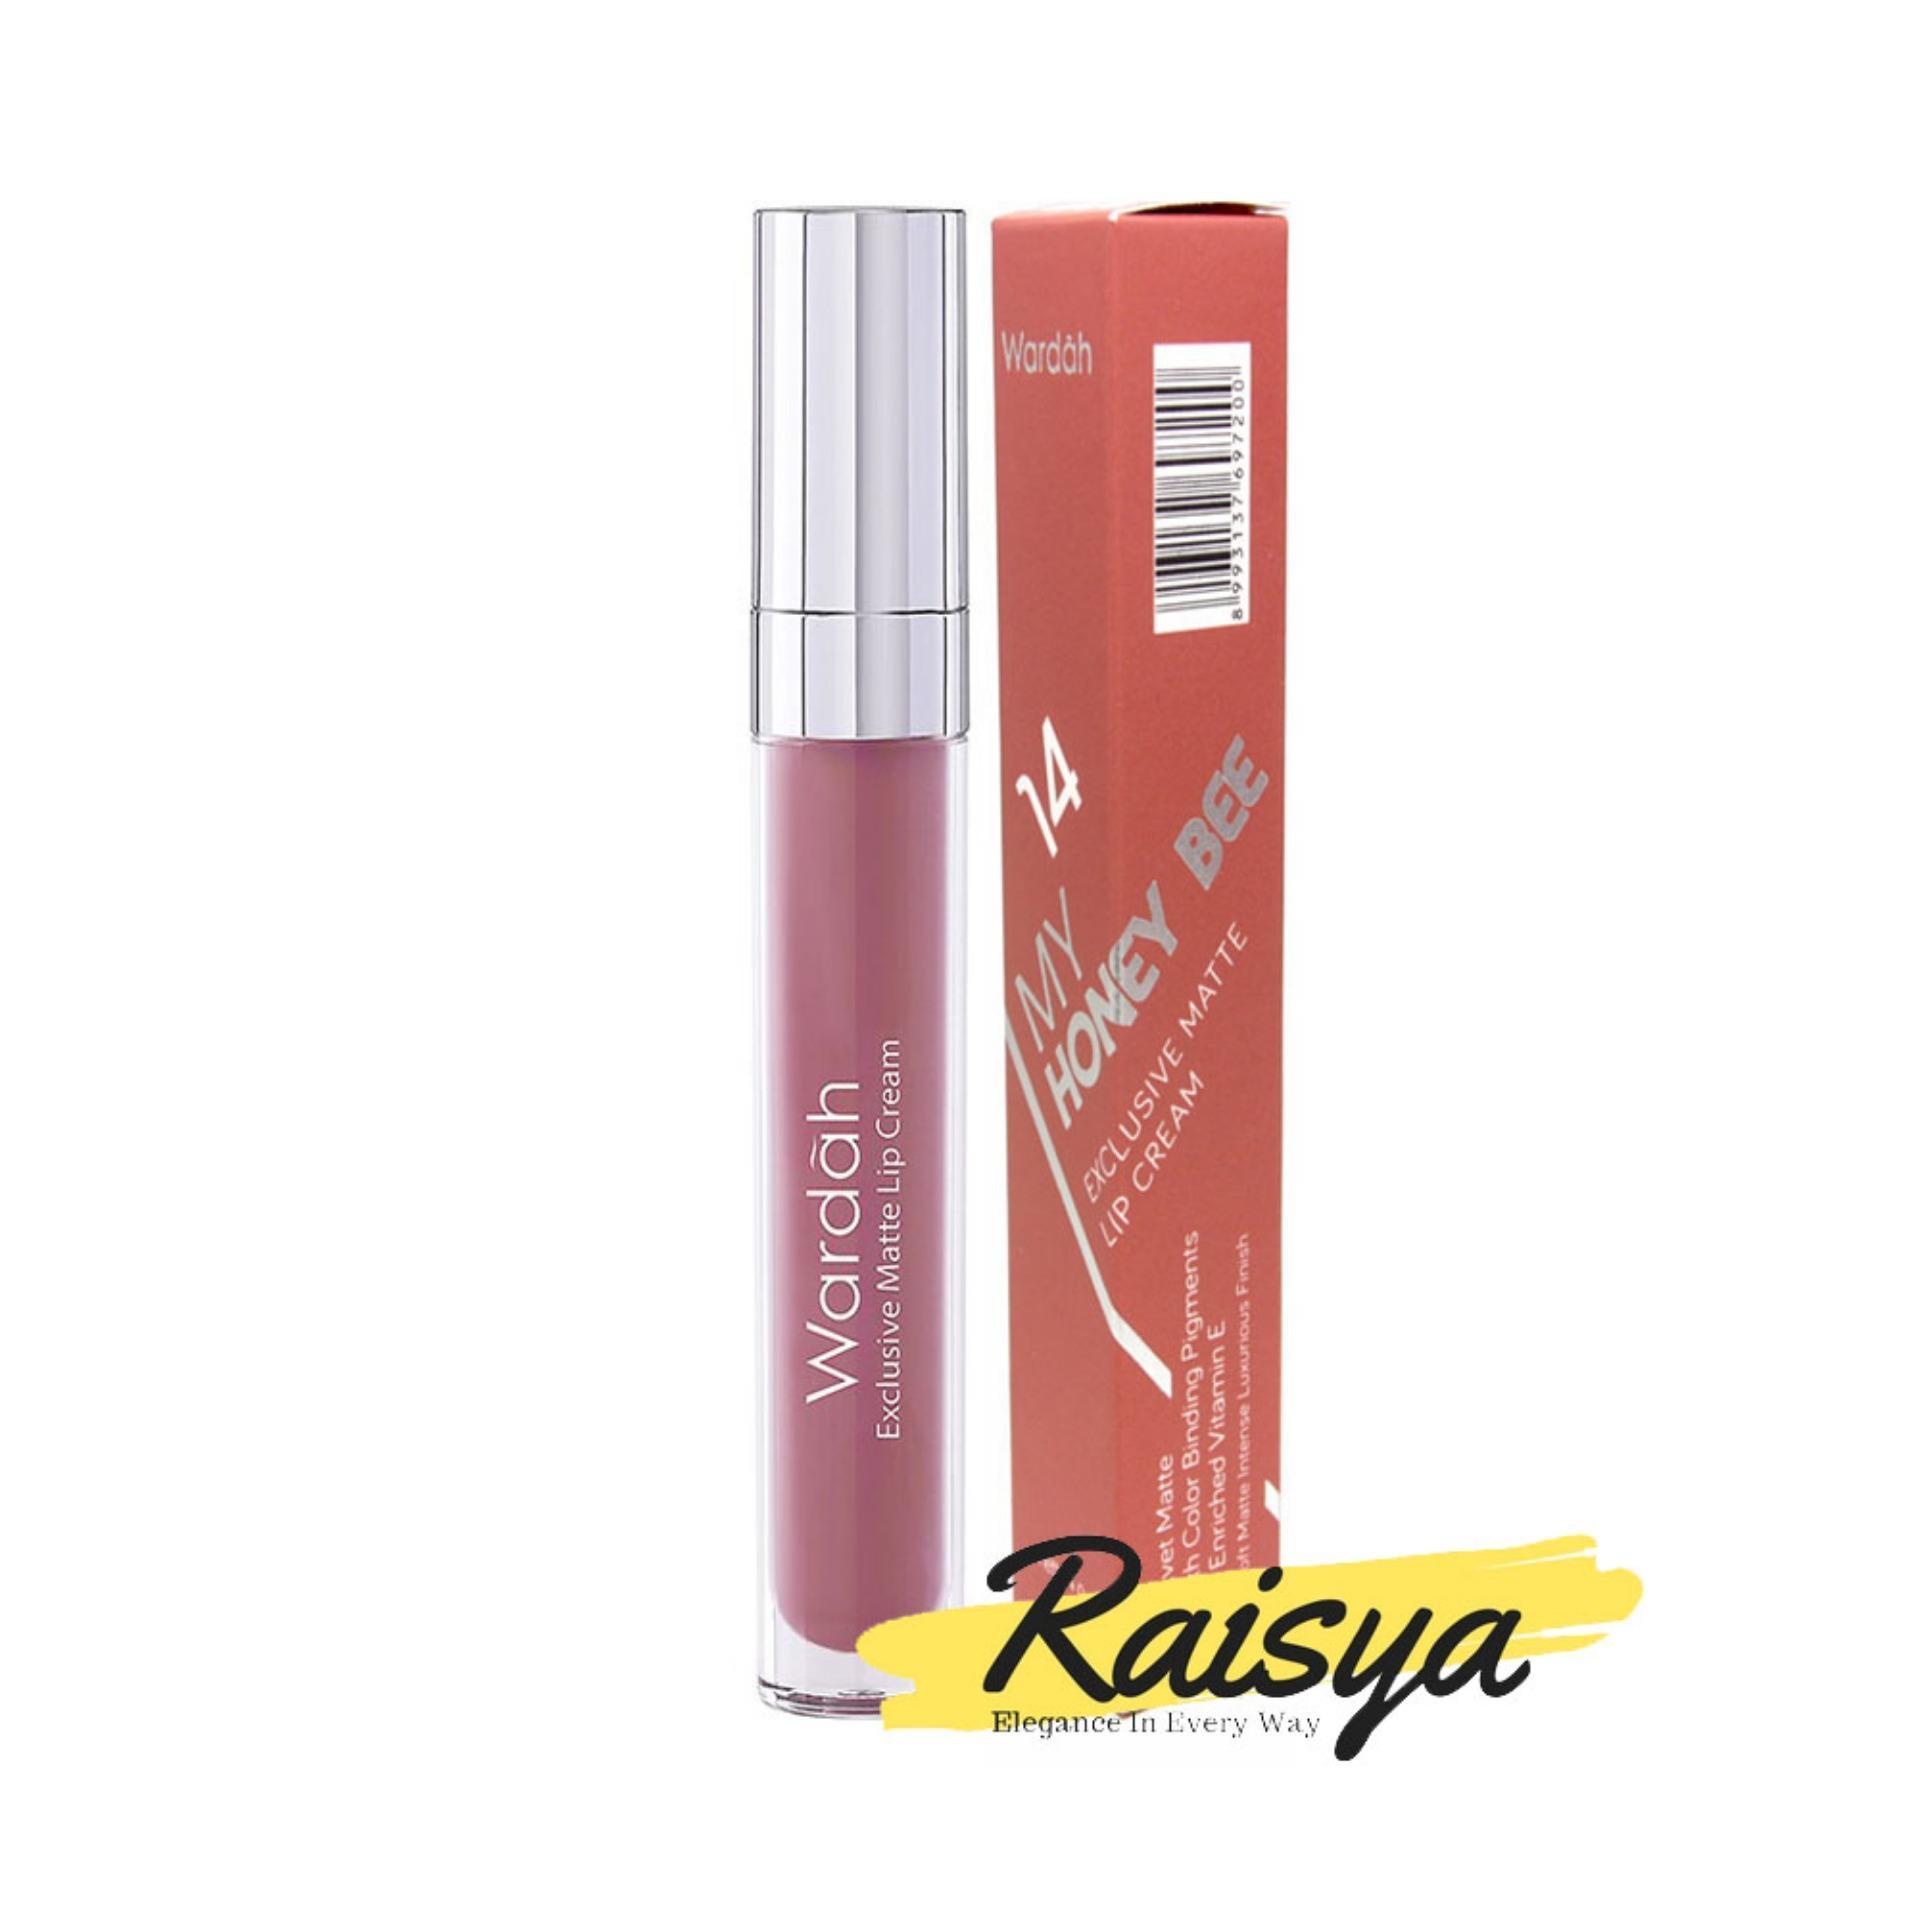 Wardah Exclusive Matte Lip Cream No. 14 My Honey Bee - Original